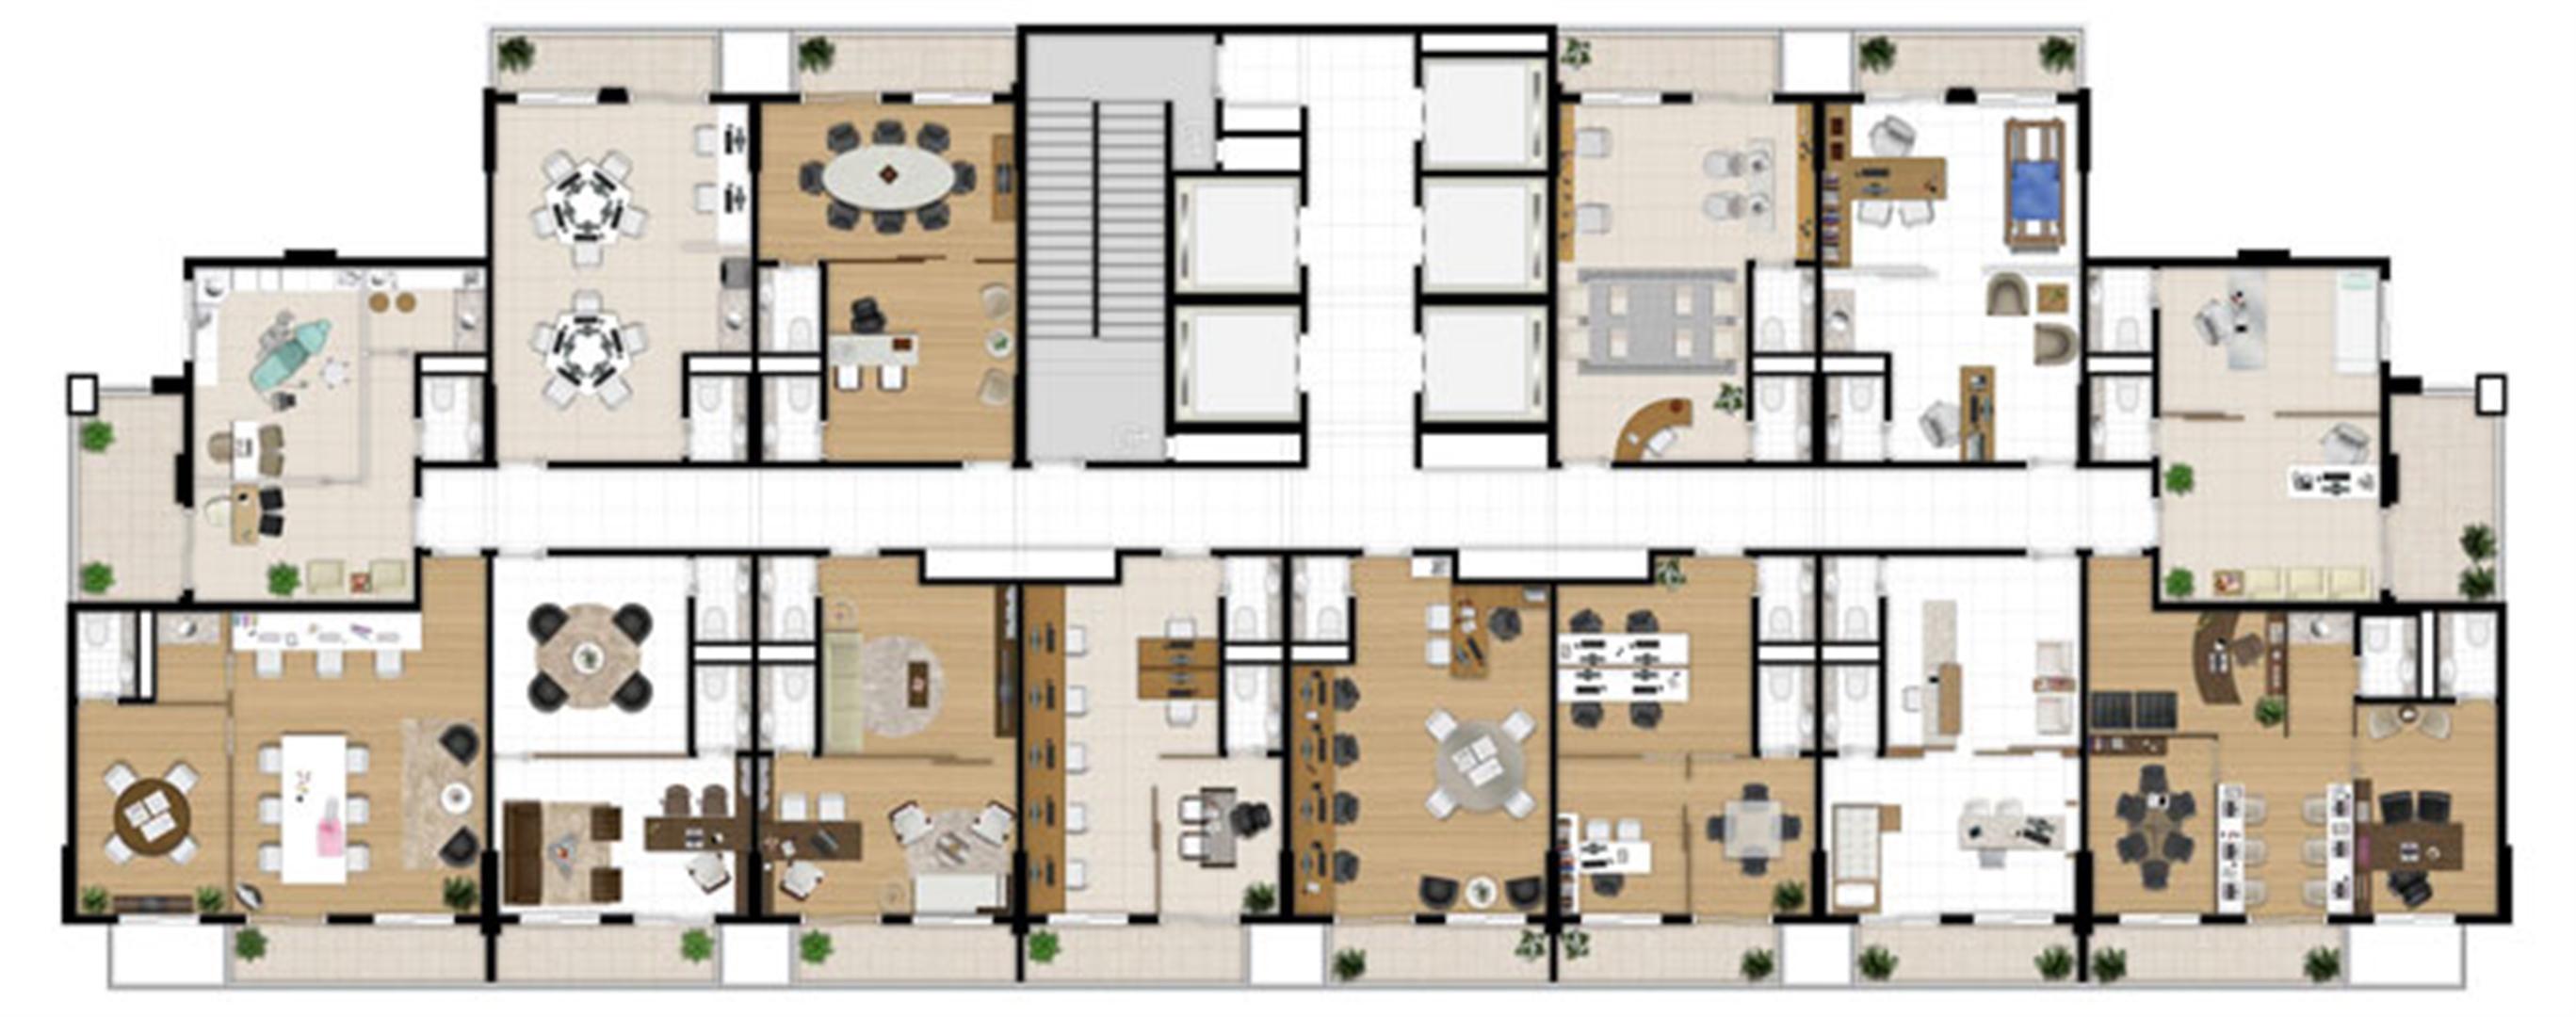 Planta - Tipo ilustrada do pavimento | Escritórios Design – Salas Comerciais no  Cambuí - Campinas - São Paulo